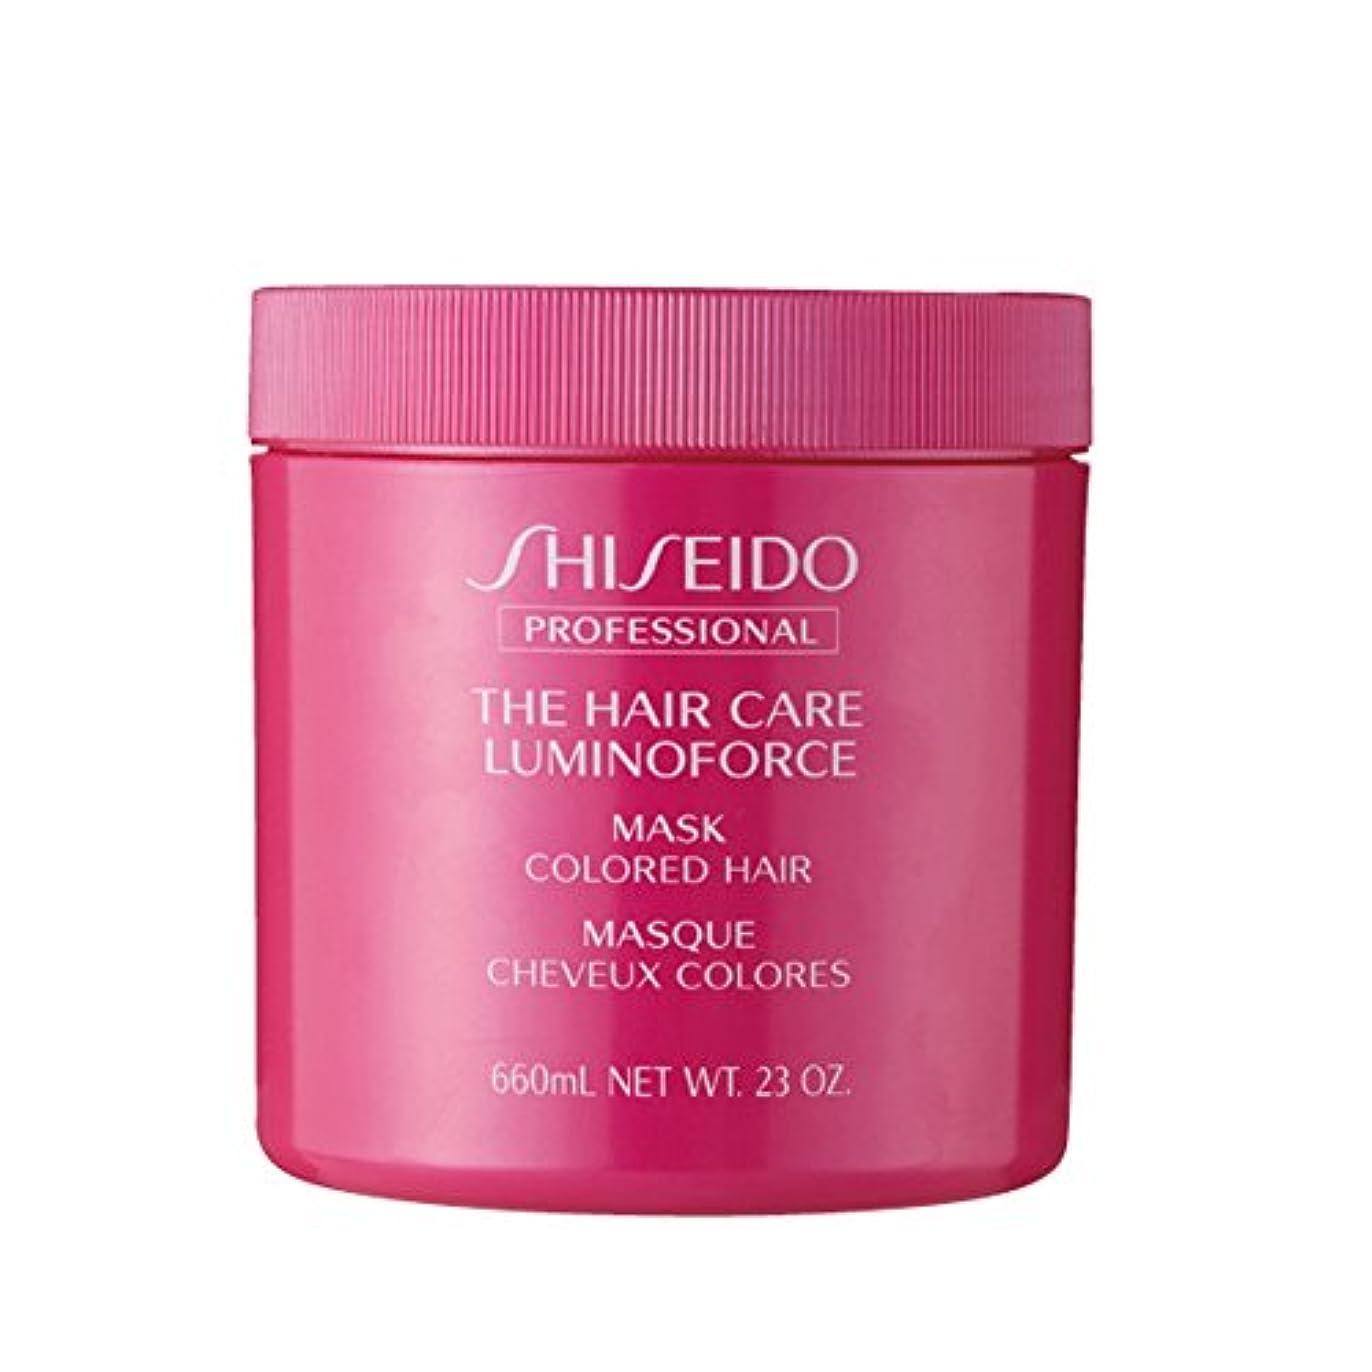 お気に入りぐるぐる気をつけて資生堂 THC ルミノフォース マスク 680g ヘアカラーを繰り返したごわついた髪を、 芯からしなやかでつややかな髪へ SHISEIDO LUMINOFORCE